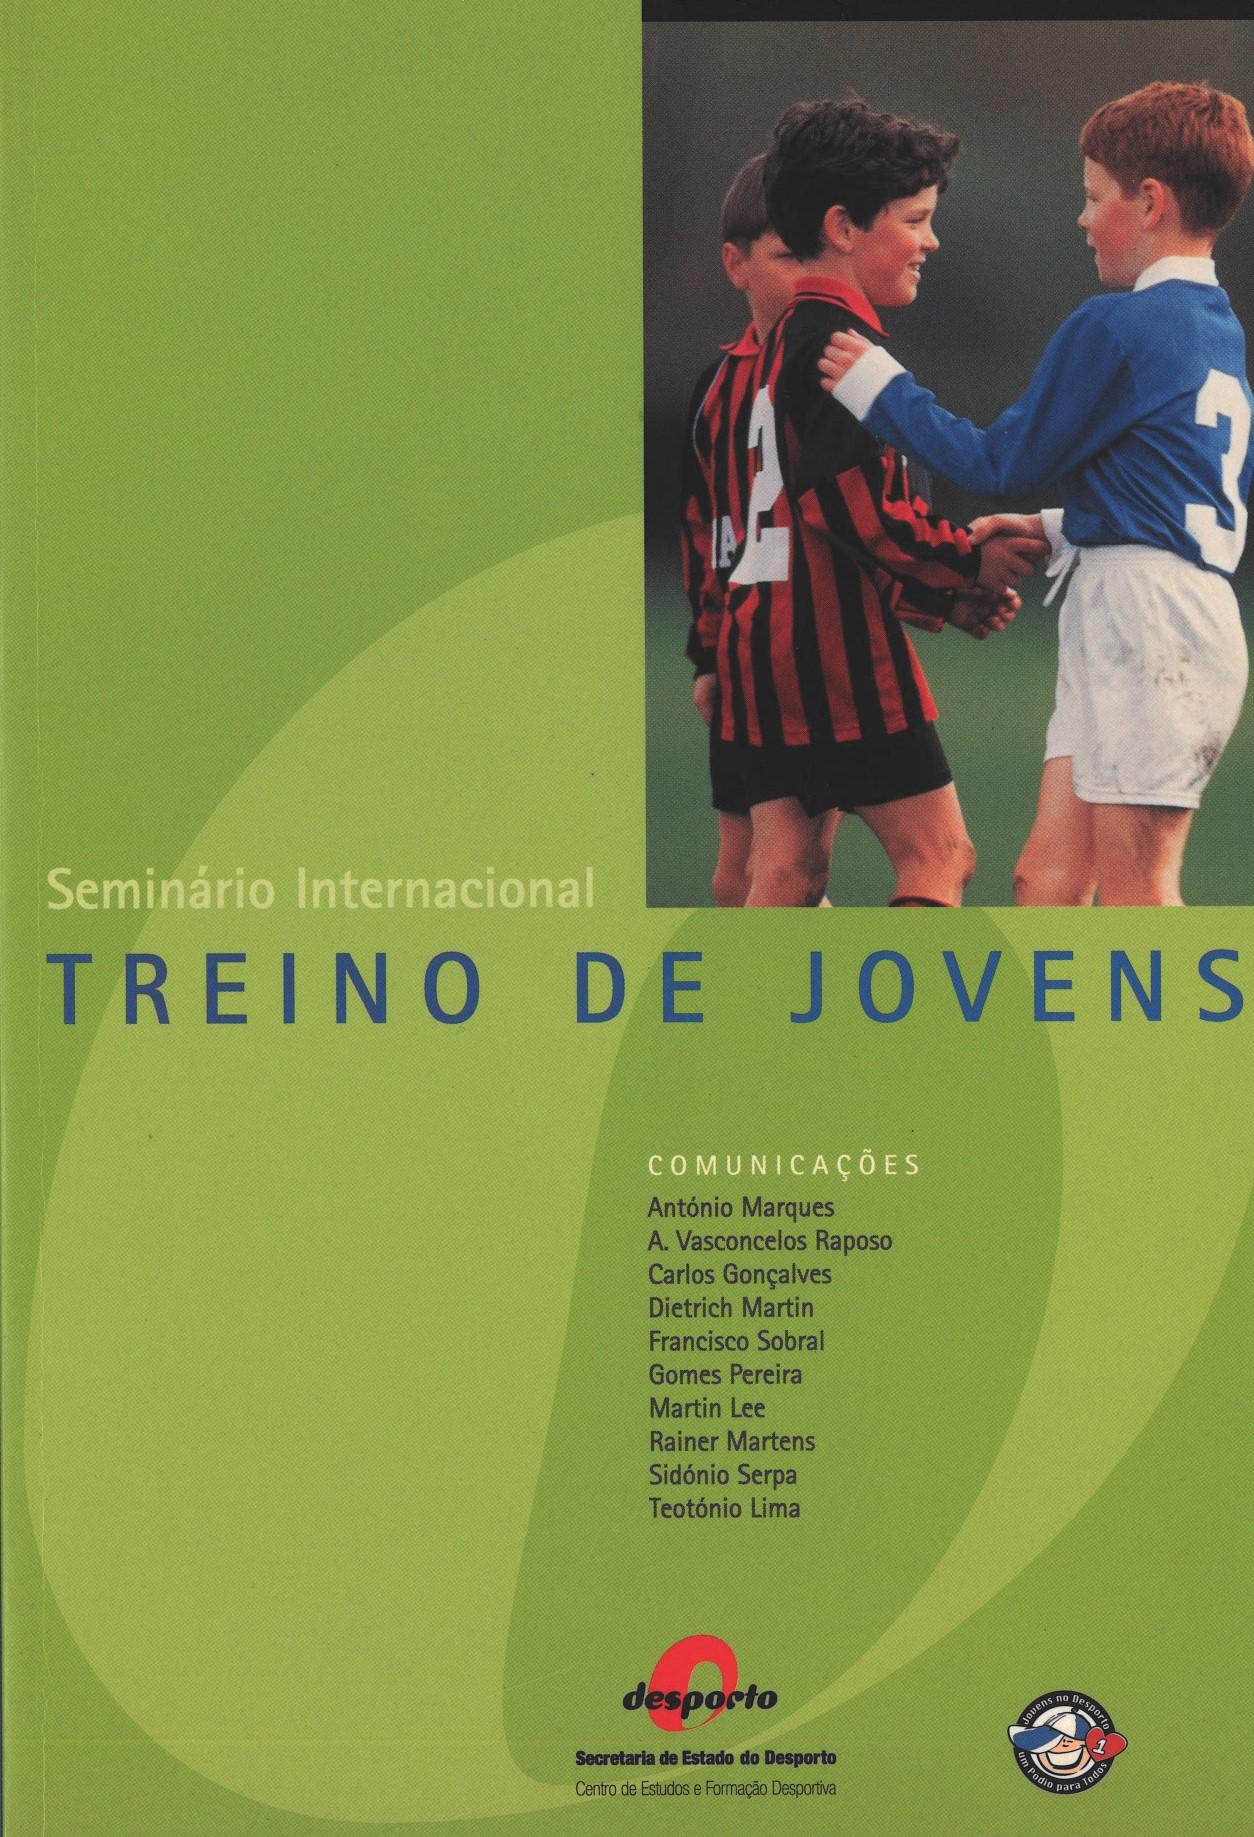 Seminário Internacional - Treino de jovens (Lisboa, Outubro, 1998)